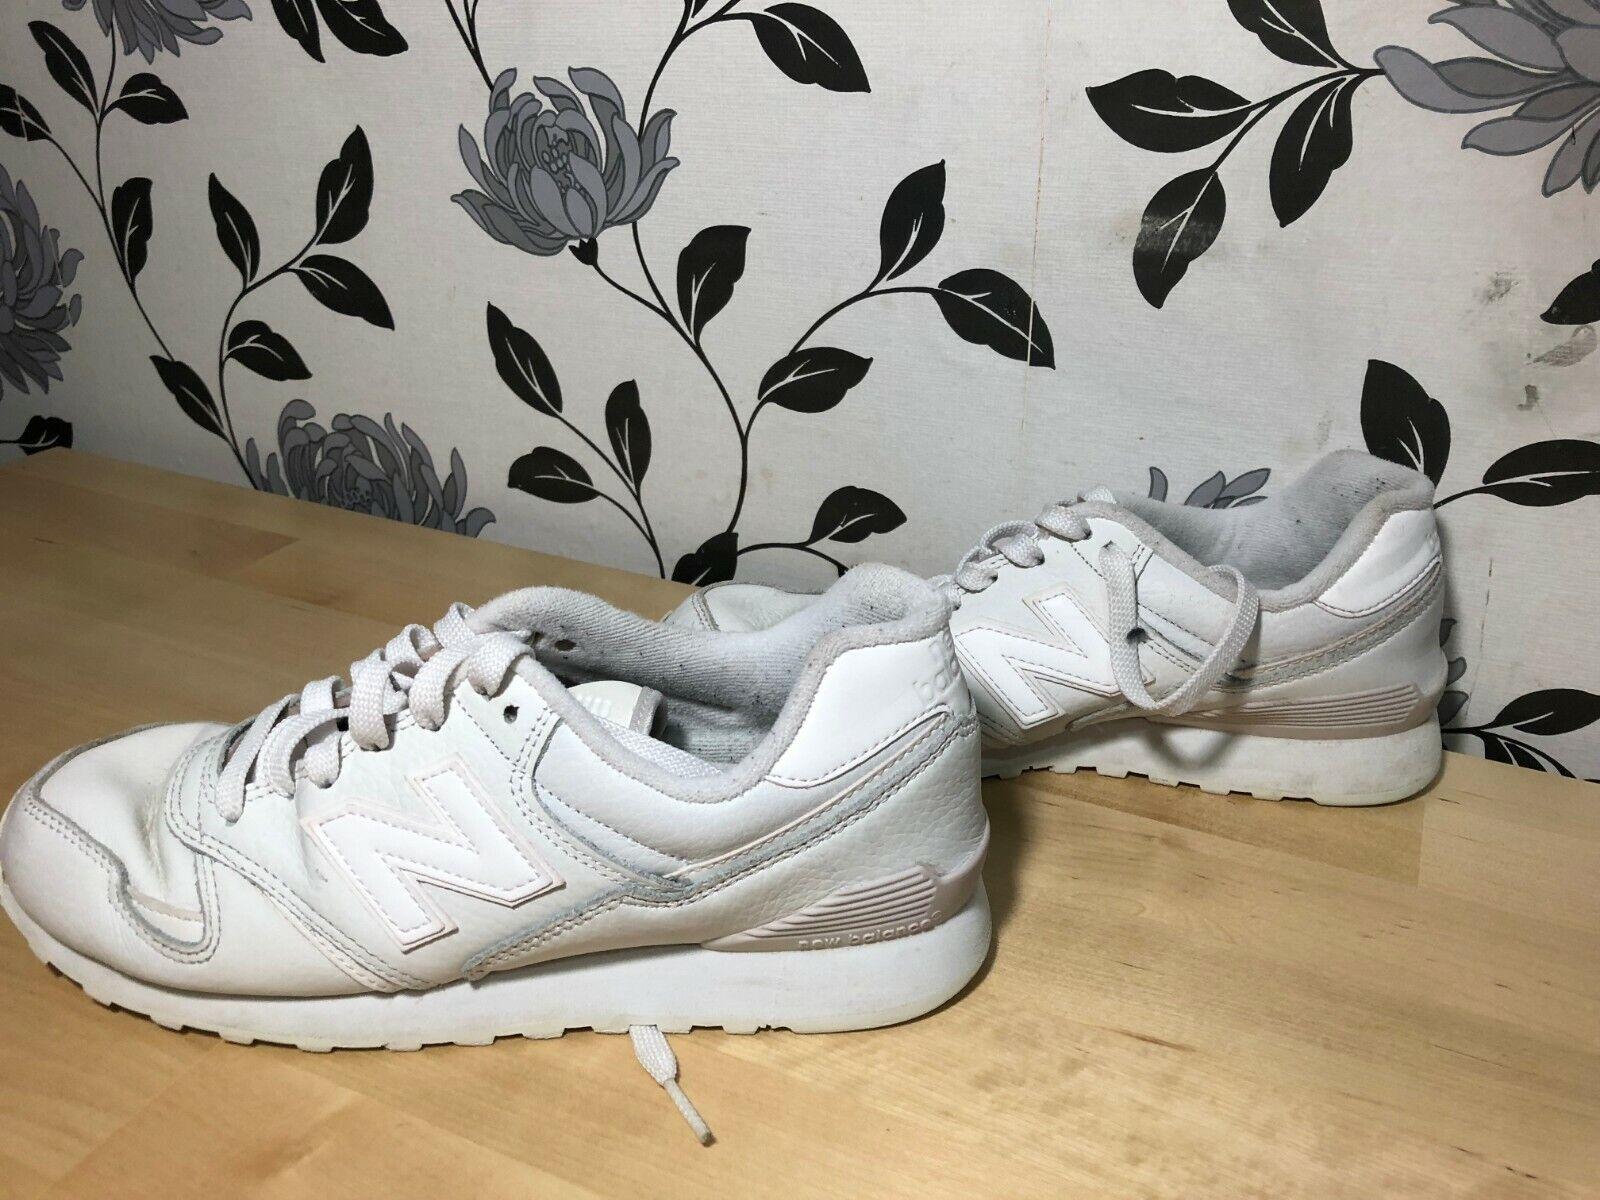 New Balance U446 WL Unisex shoes Sneakers White UK7